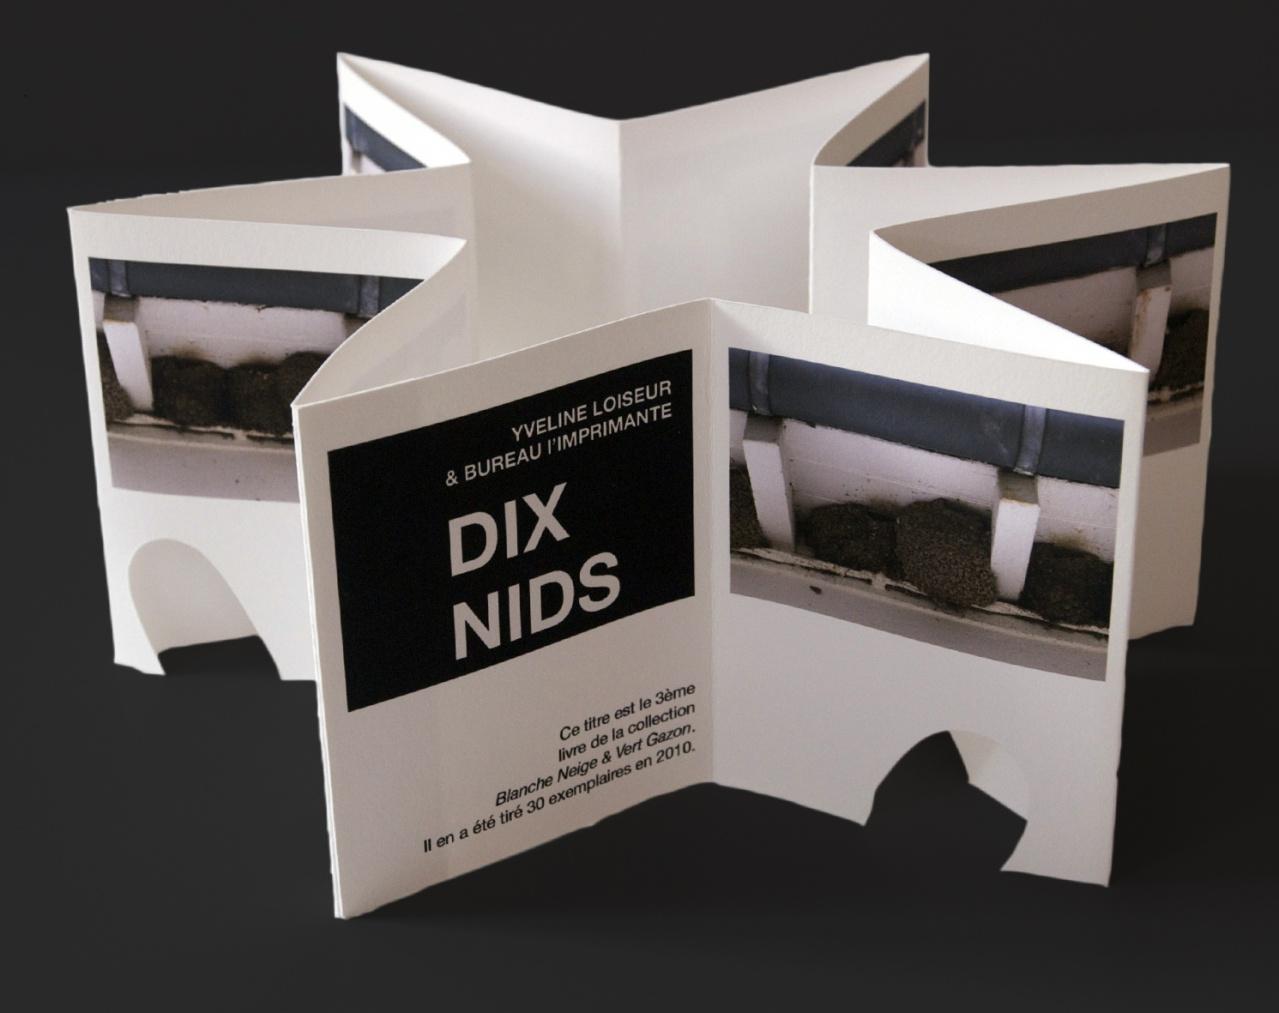 Dix nids: couverture